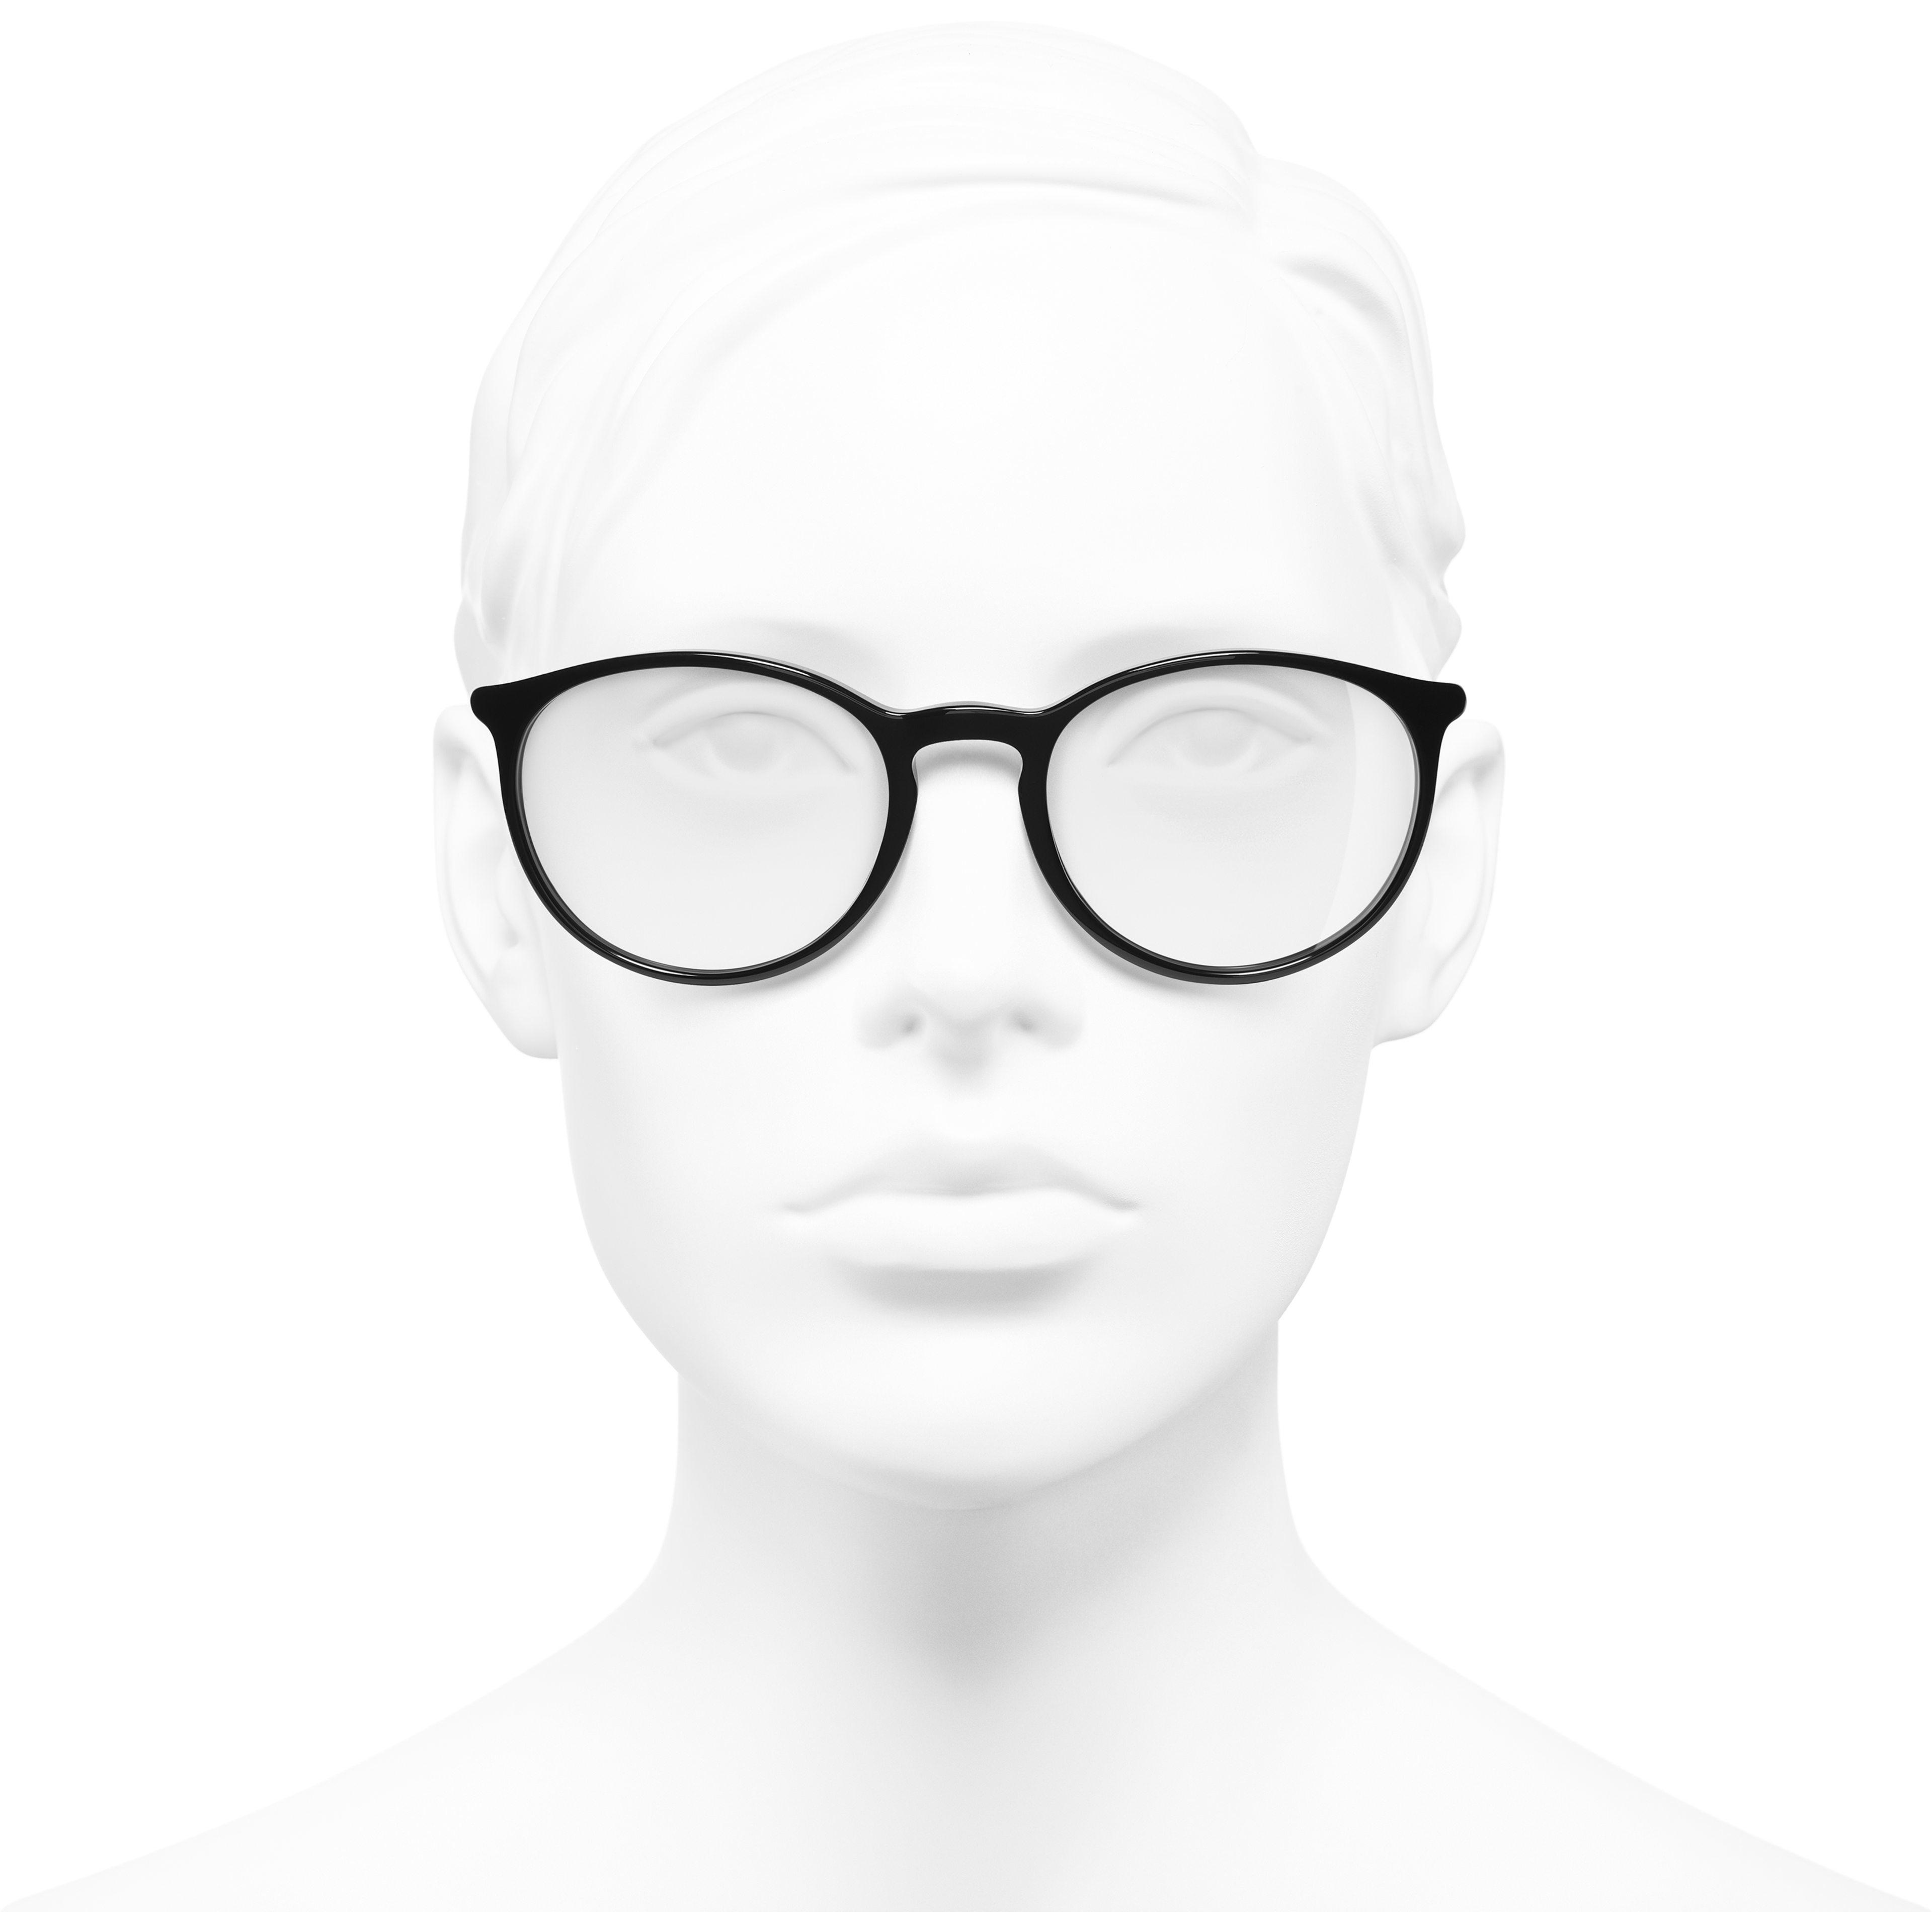 Lunettes pantos - Noir & blanc - Acétate - CHANEL - Vue de face portée - voir la version taille standard